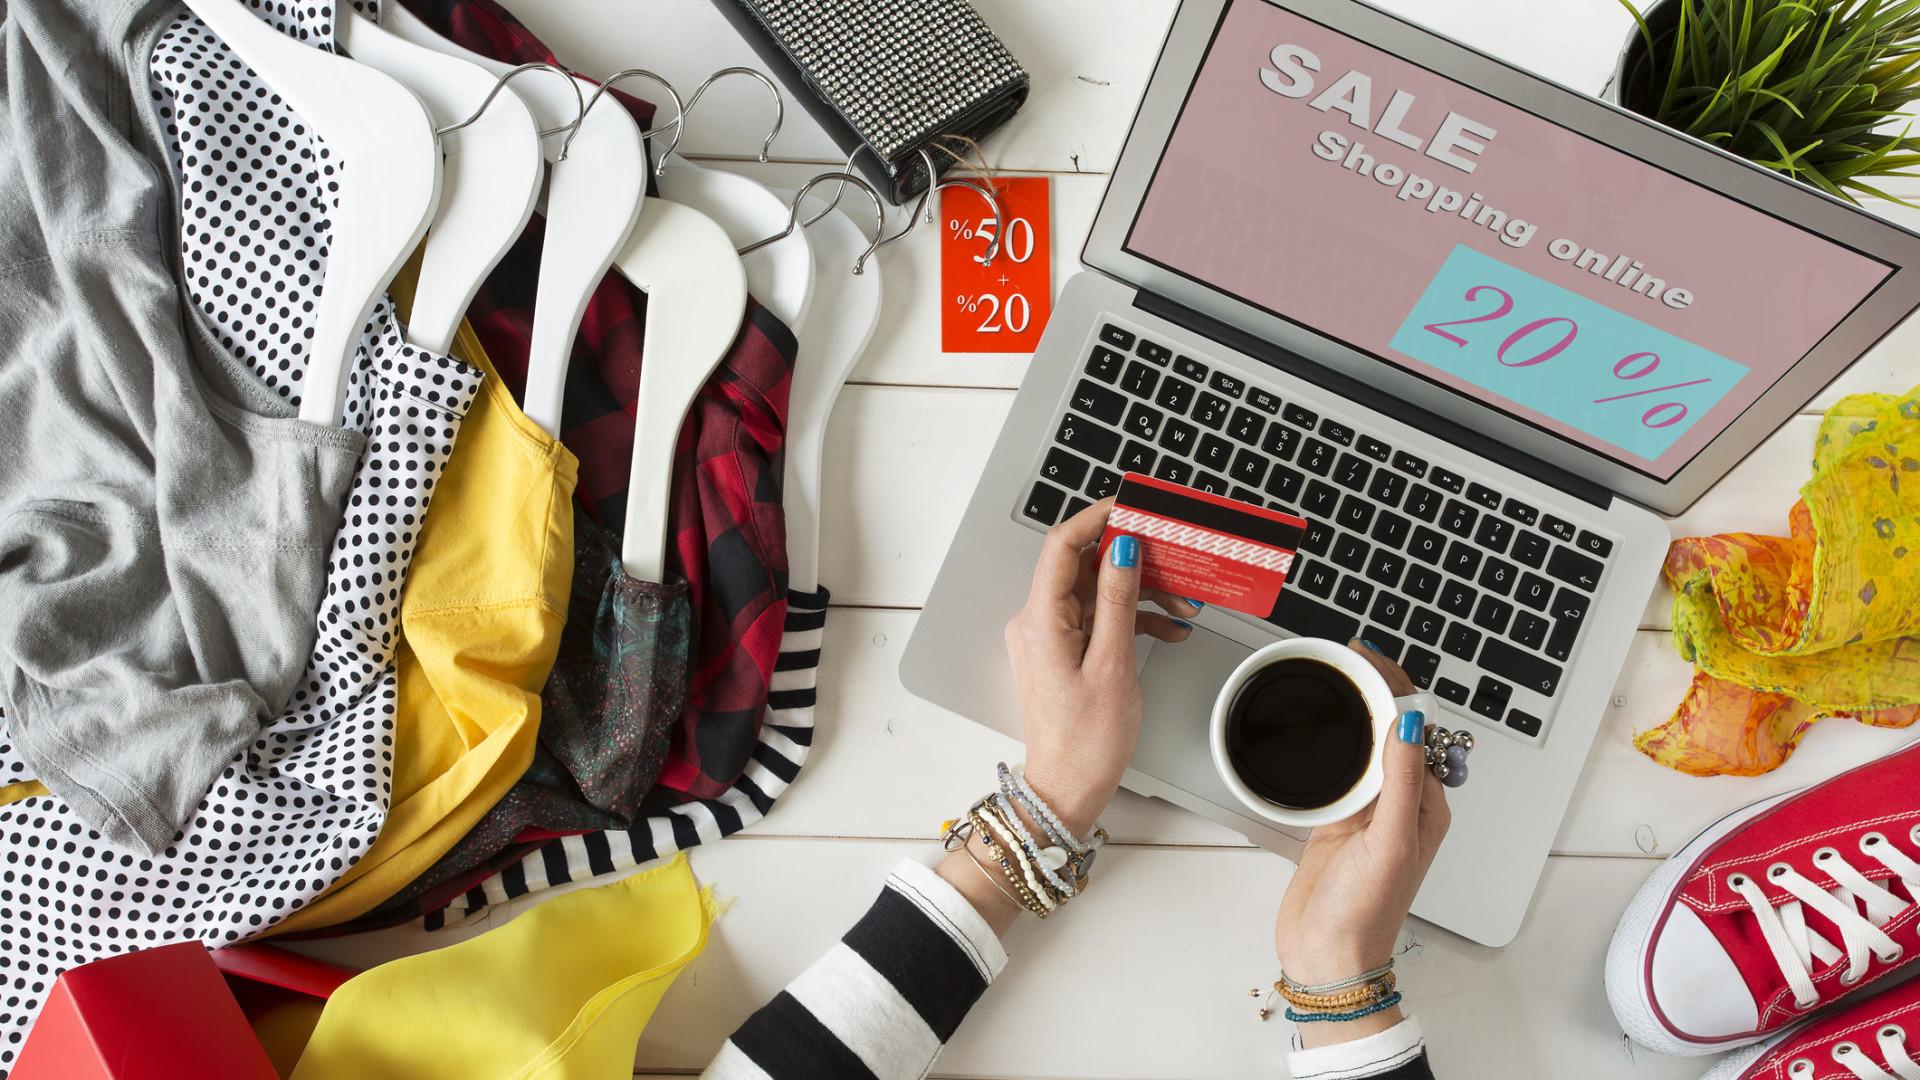 Несколько неоспоримых плюсов покупок онлайн